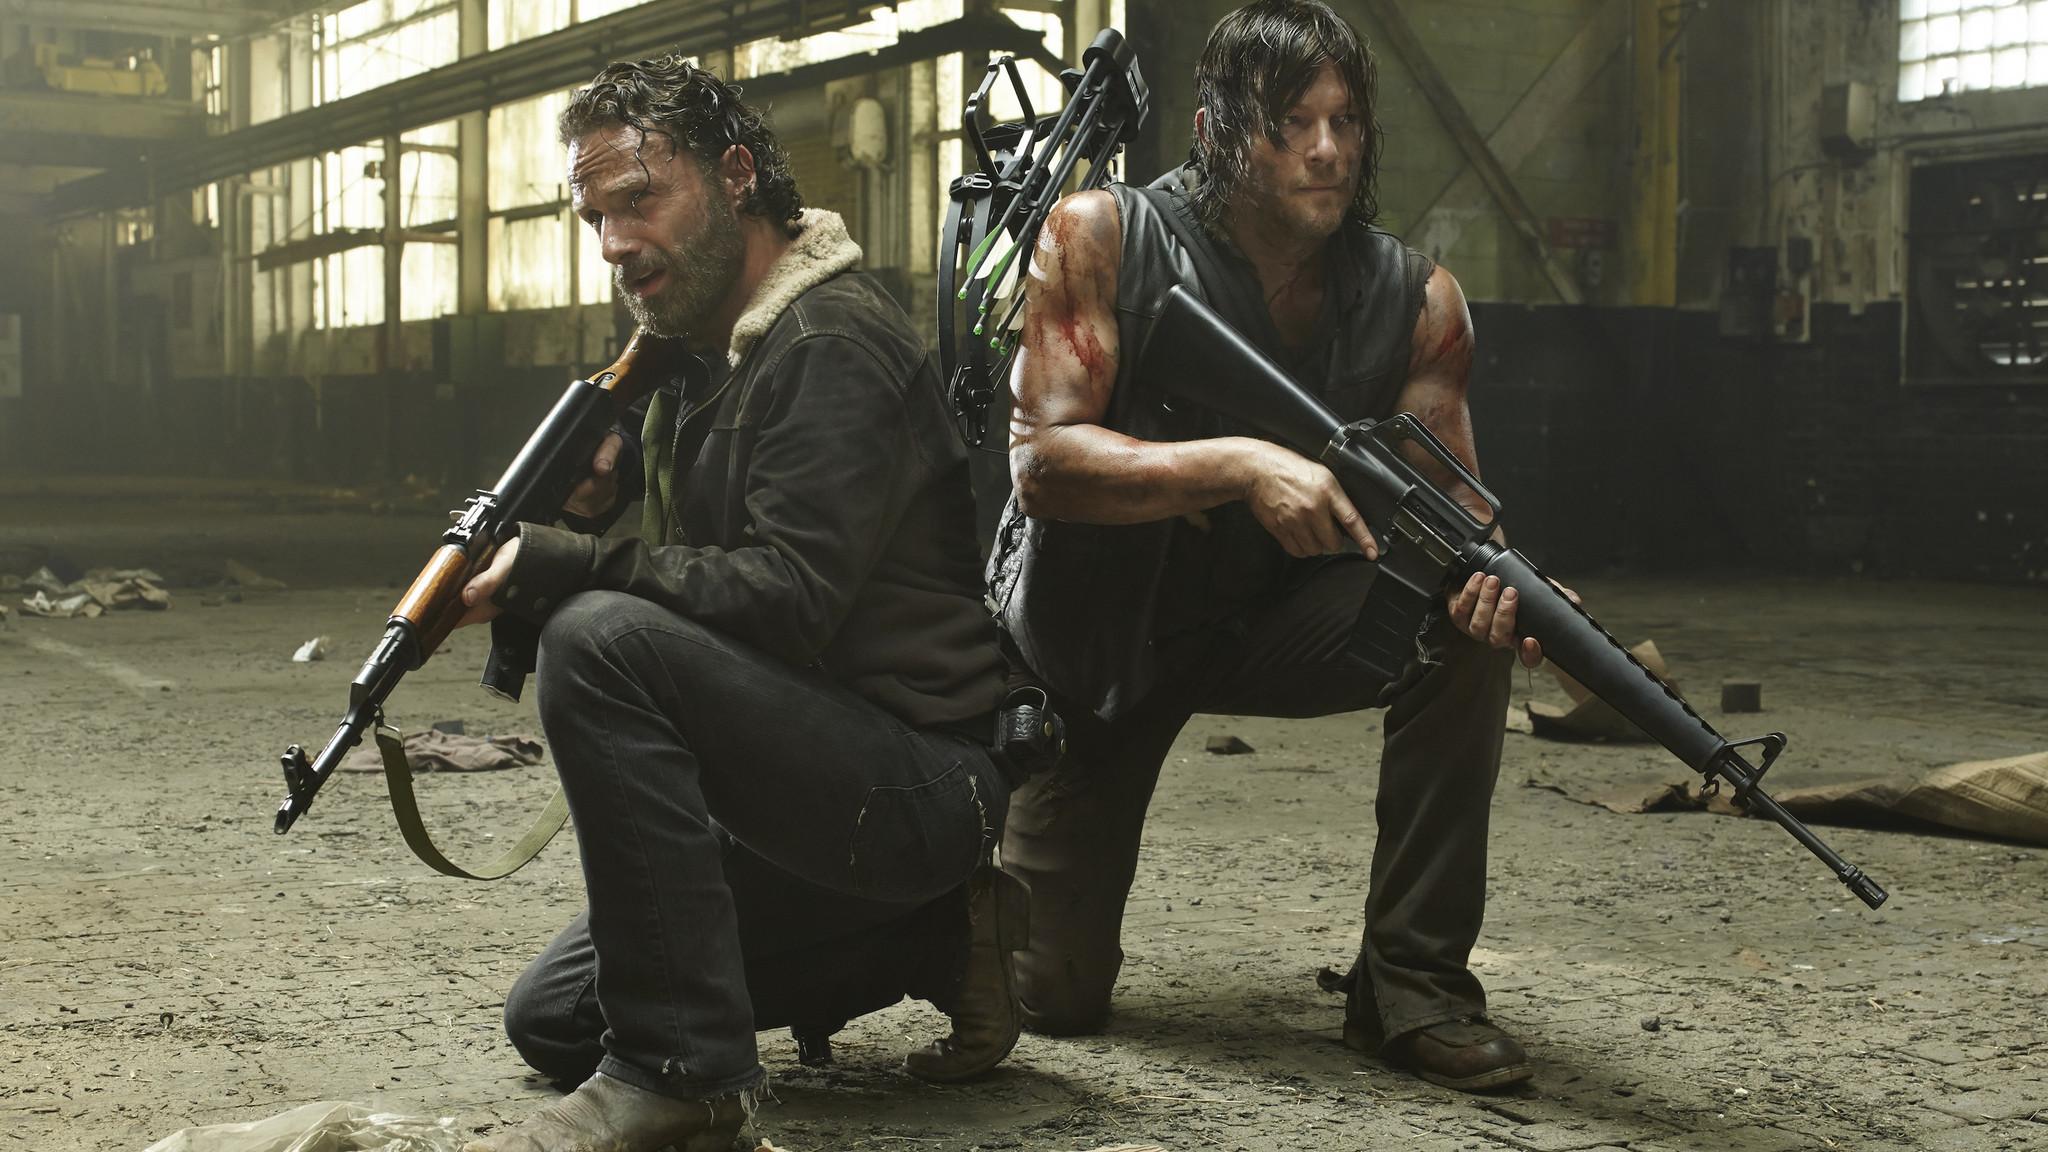 Serie tv da vedere simili a The Walking Dead